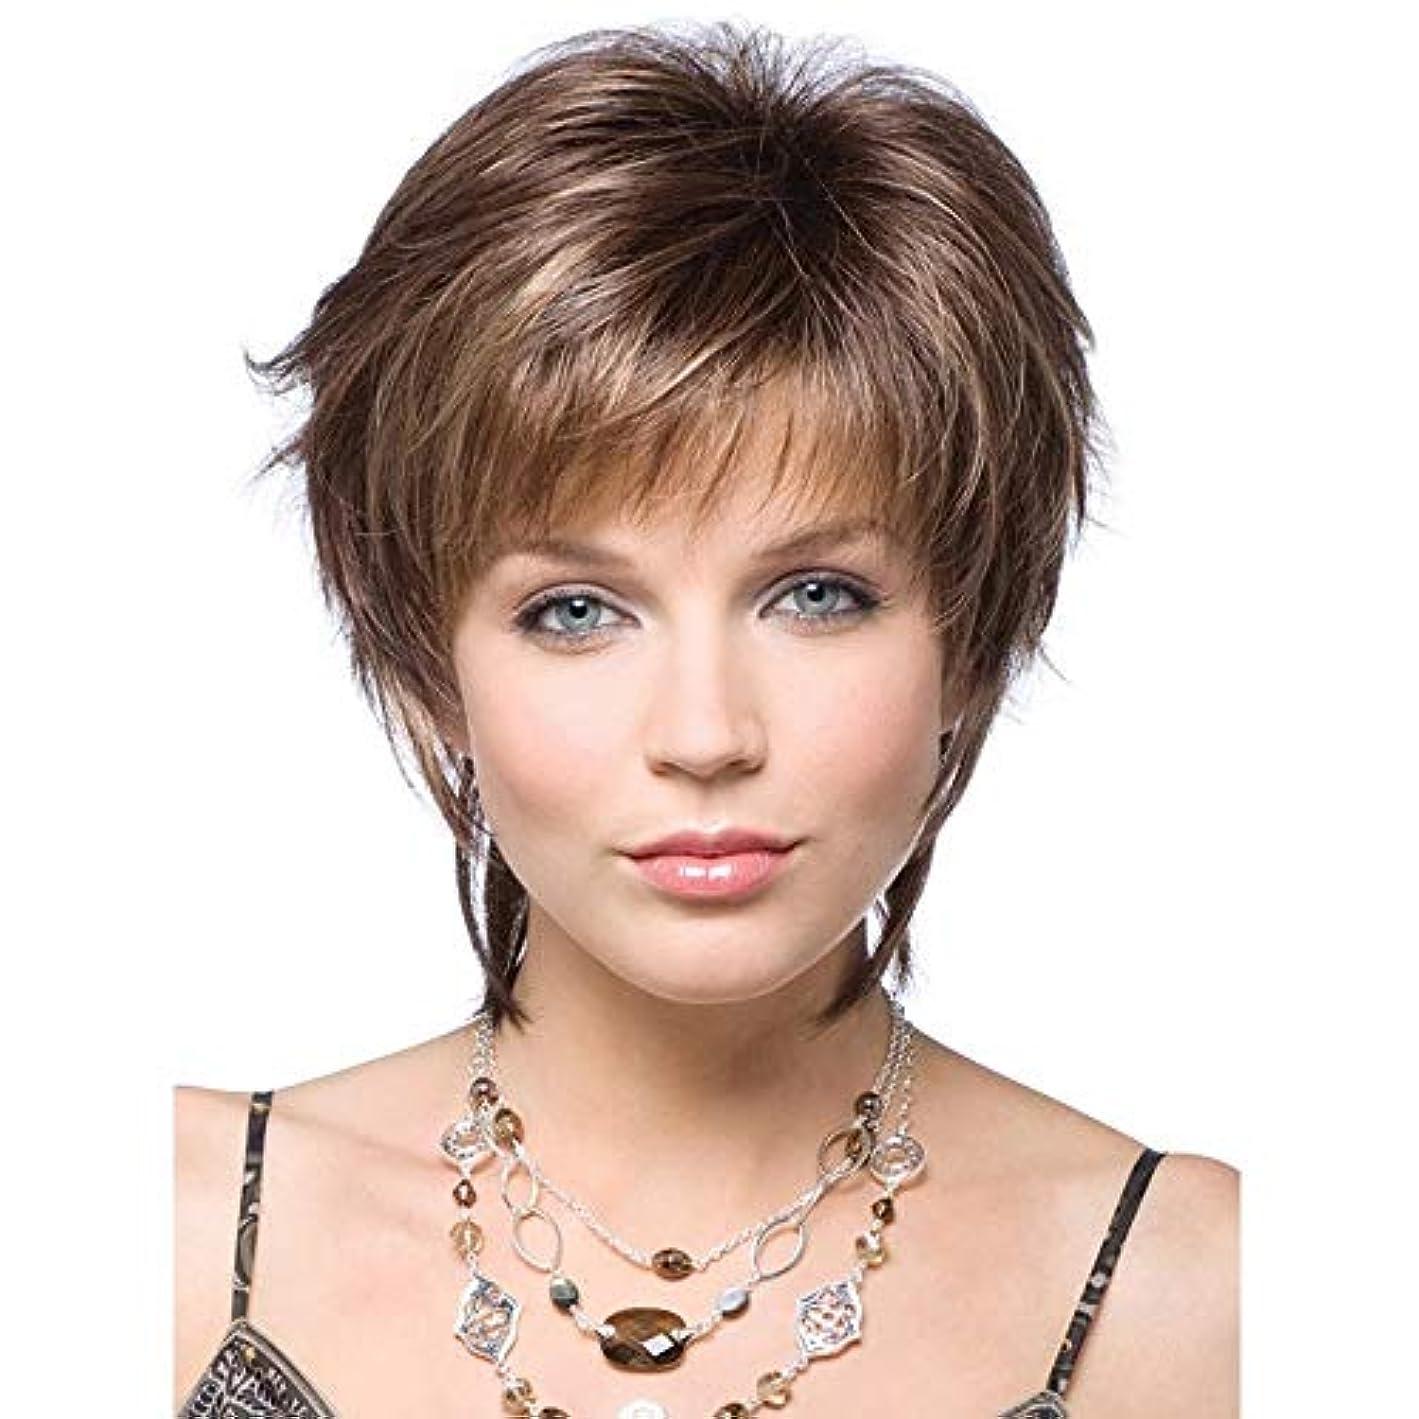 クリスマス味付け悪性腫瘍女性用ブロンドショートカーリーウィッグ自然前髪ウィッグ前髪付き合成フルヘアウィッグ女性用ハロウィンコスプレパーティーウィッグ